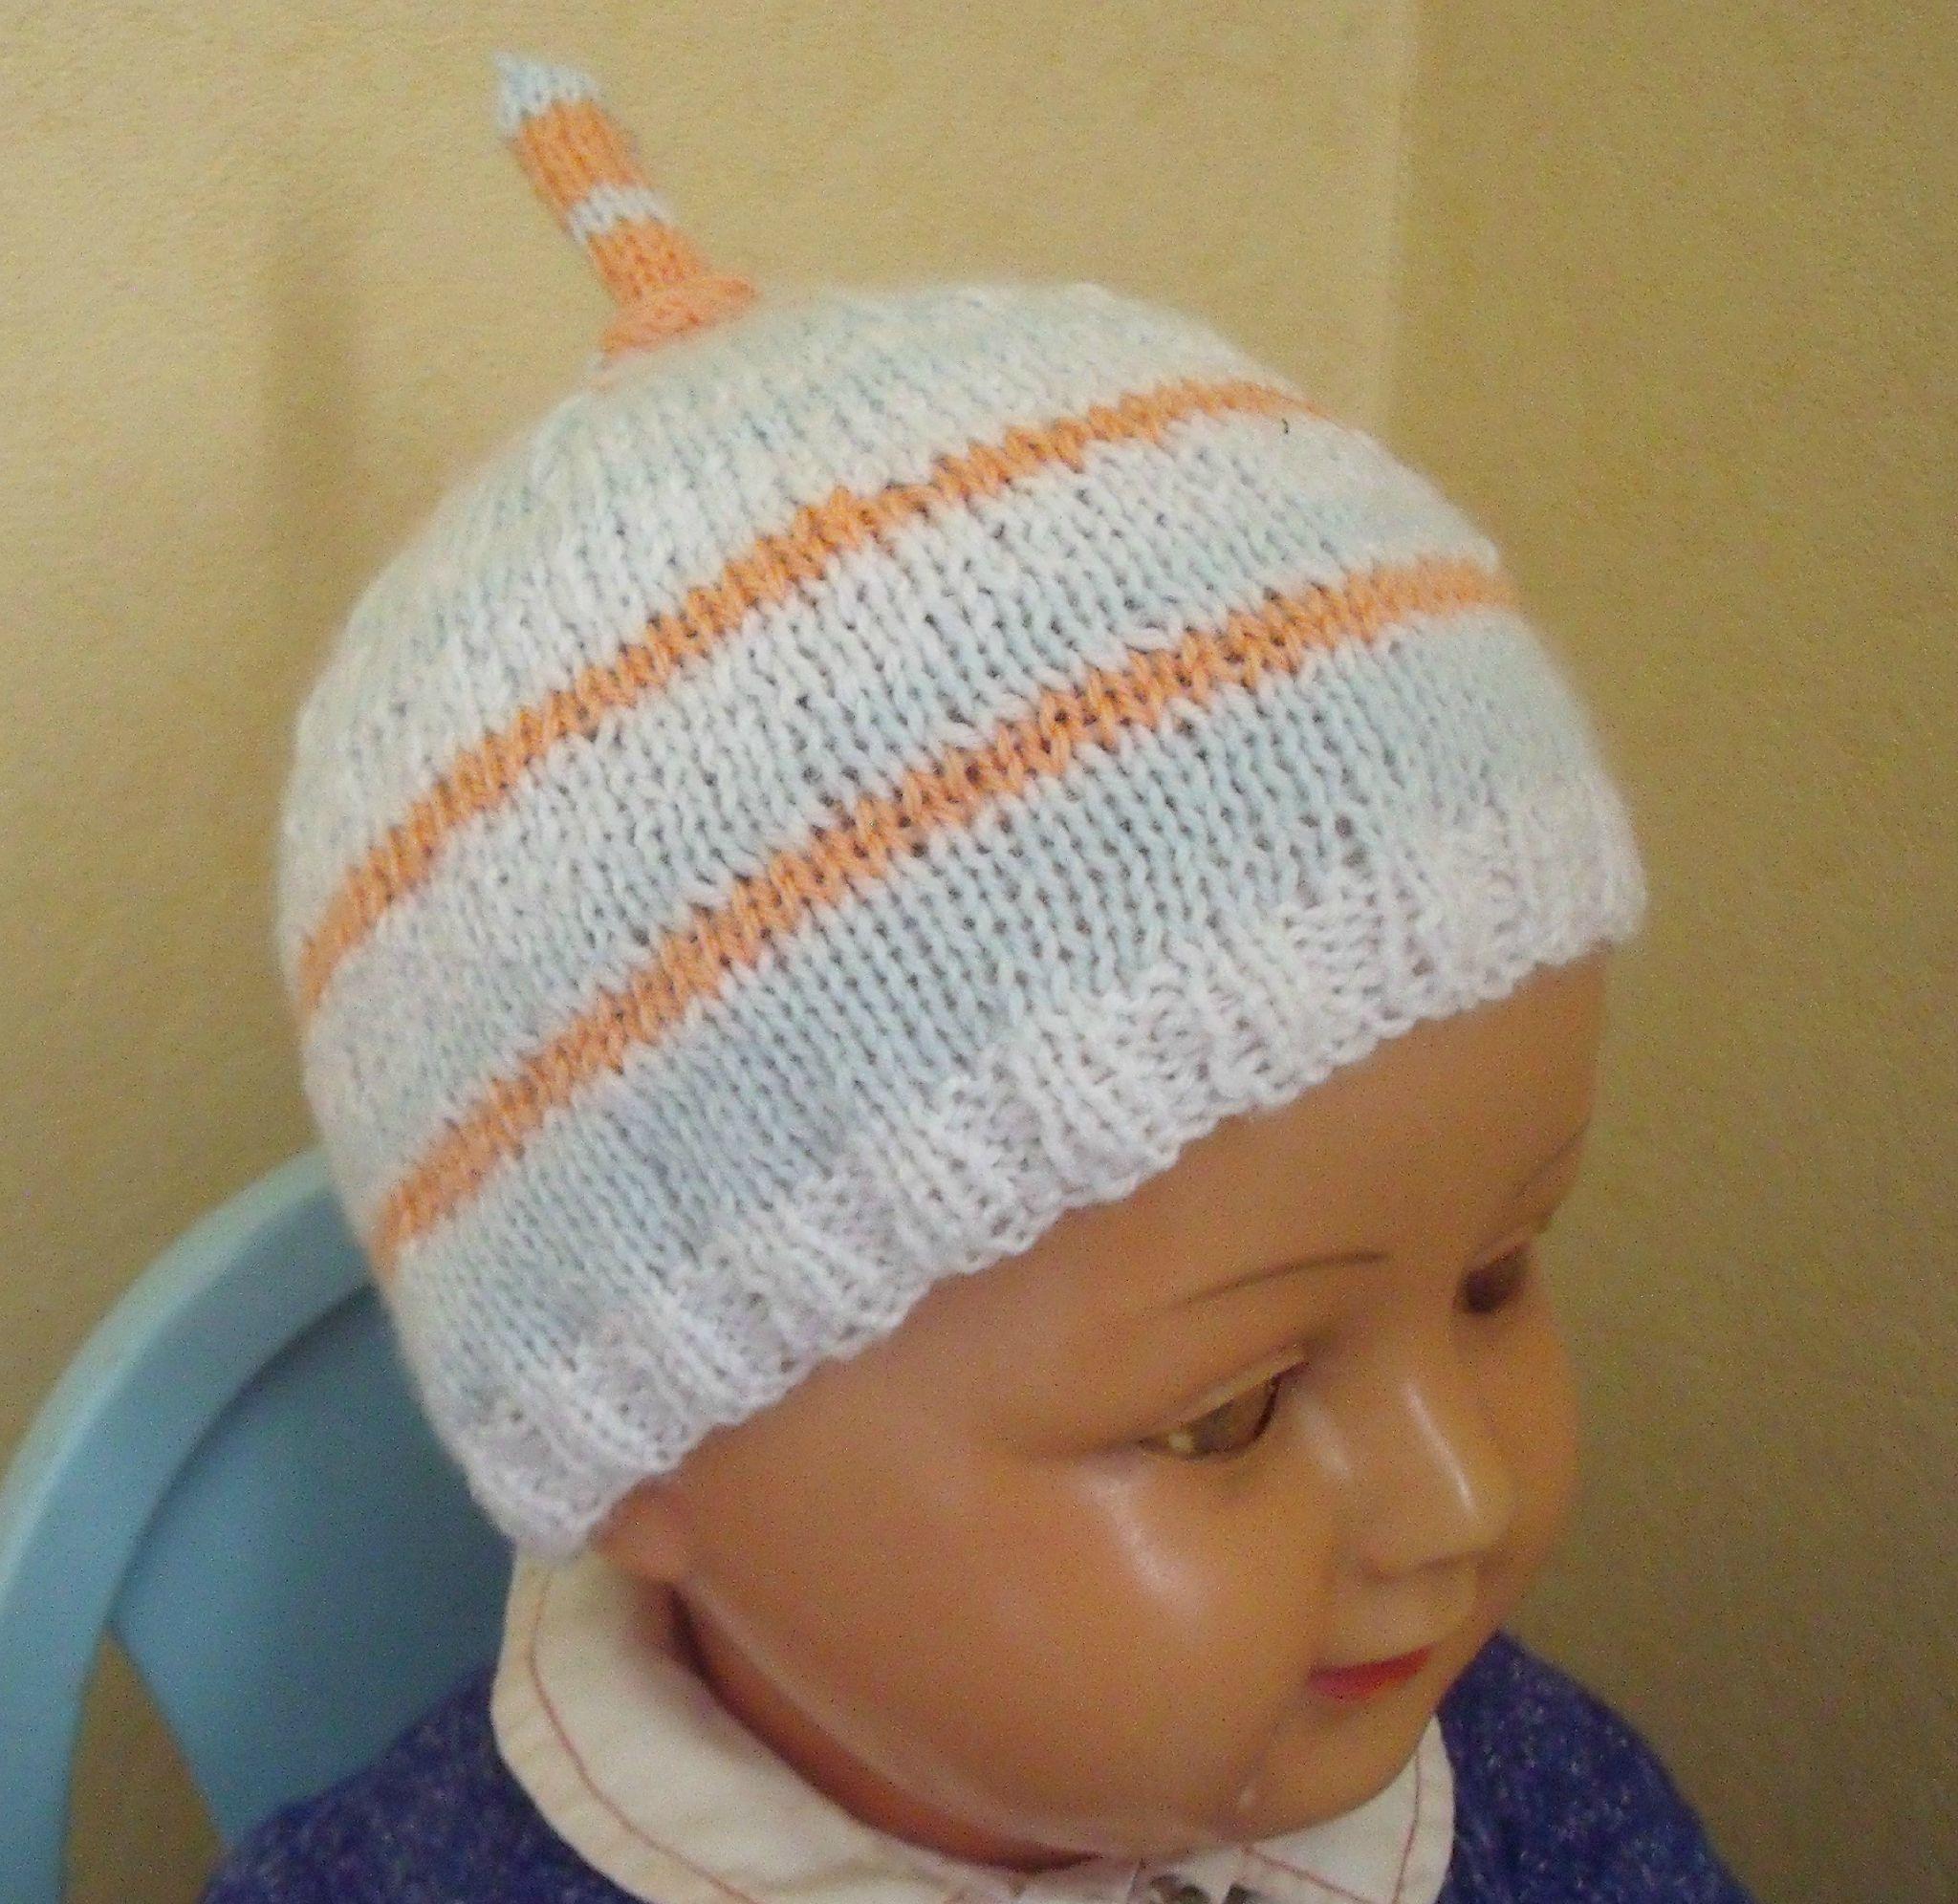 Tricoter un bonnet pour un nourrisson - Idées de tricot gratuit 577f2d385cc